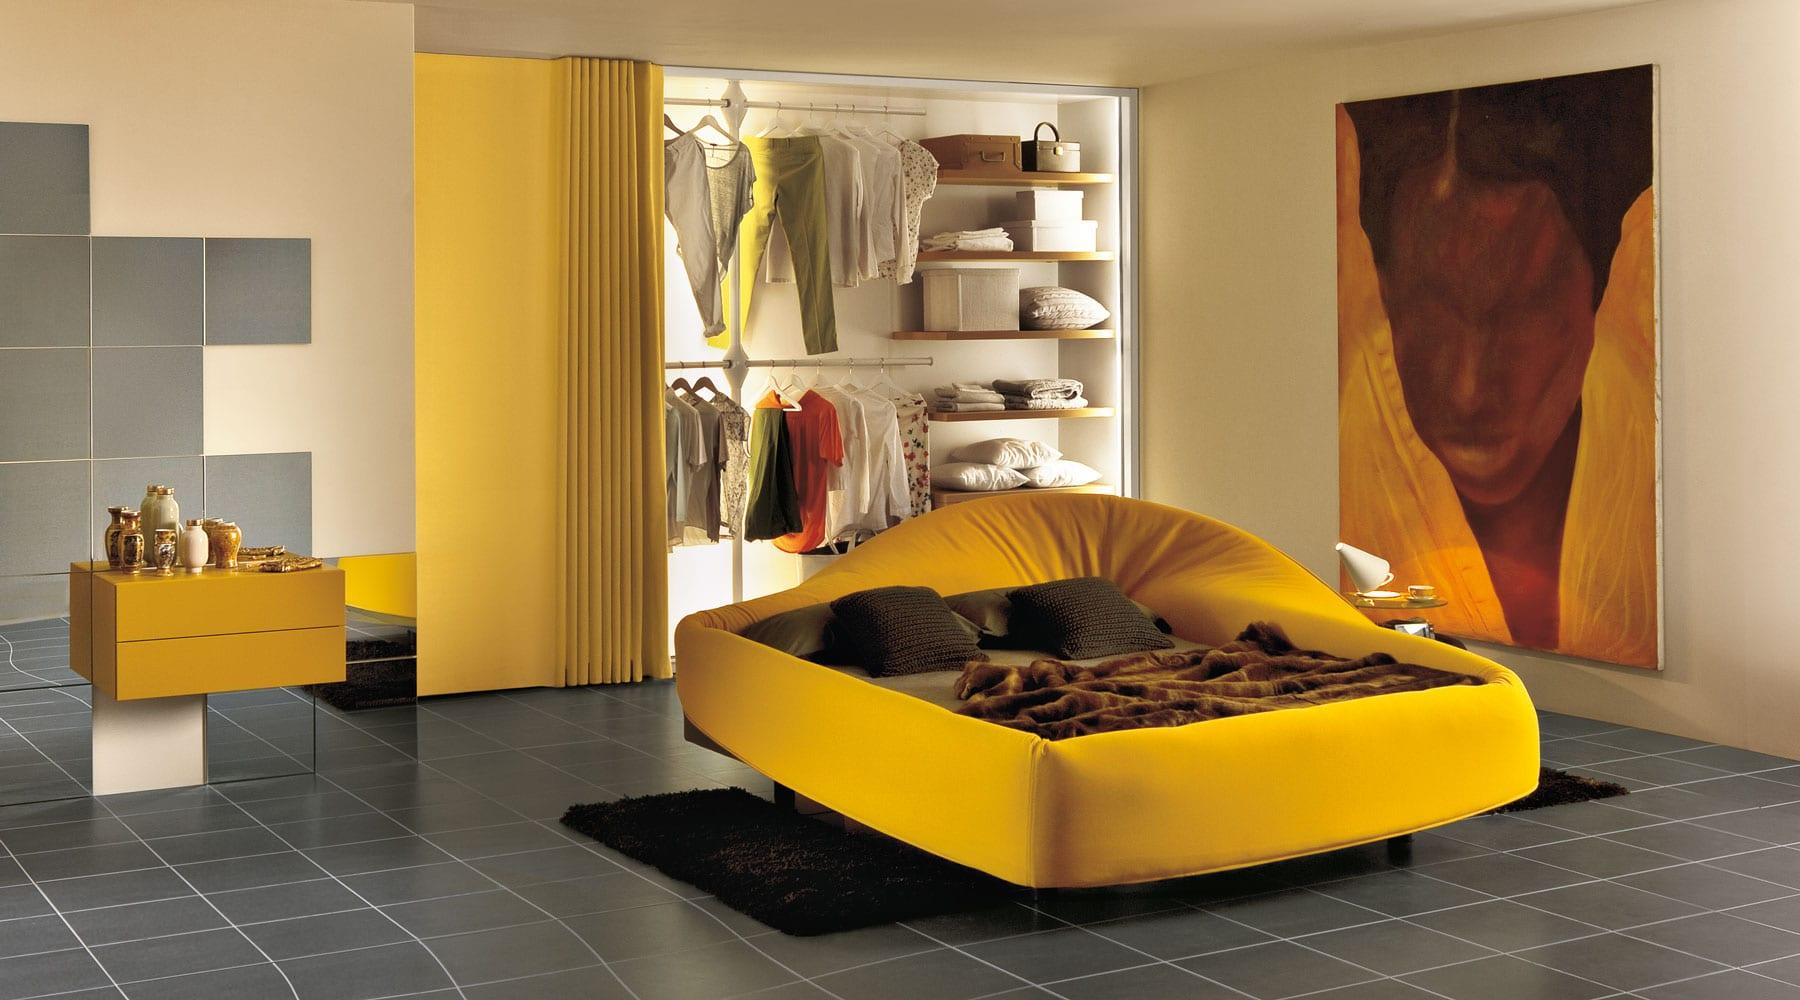 Einrichtungsideen Schlafzimmer Selber Machen Design Ideen Wohnzimmer